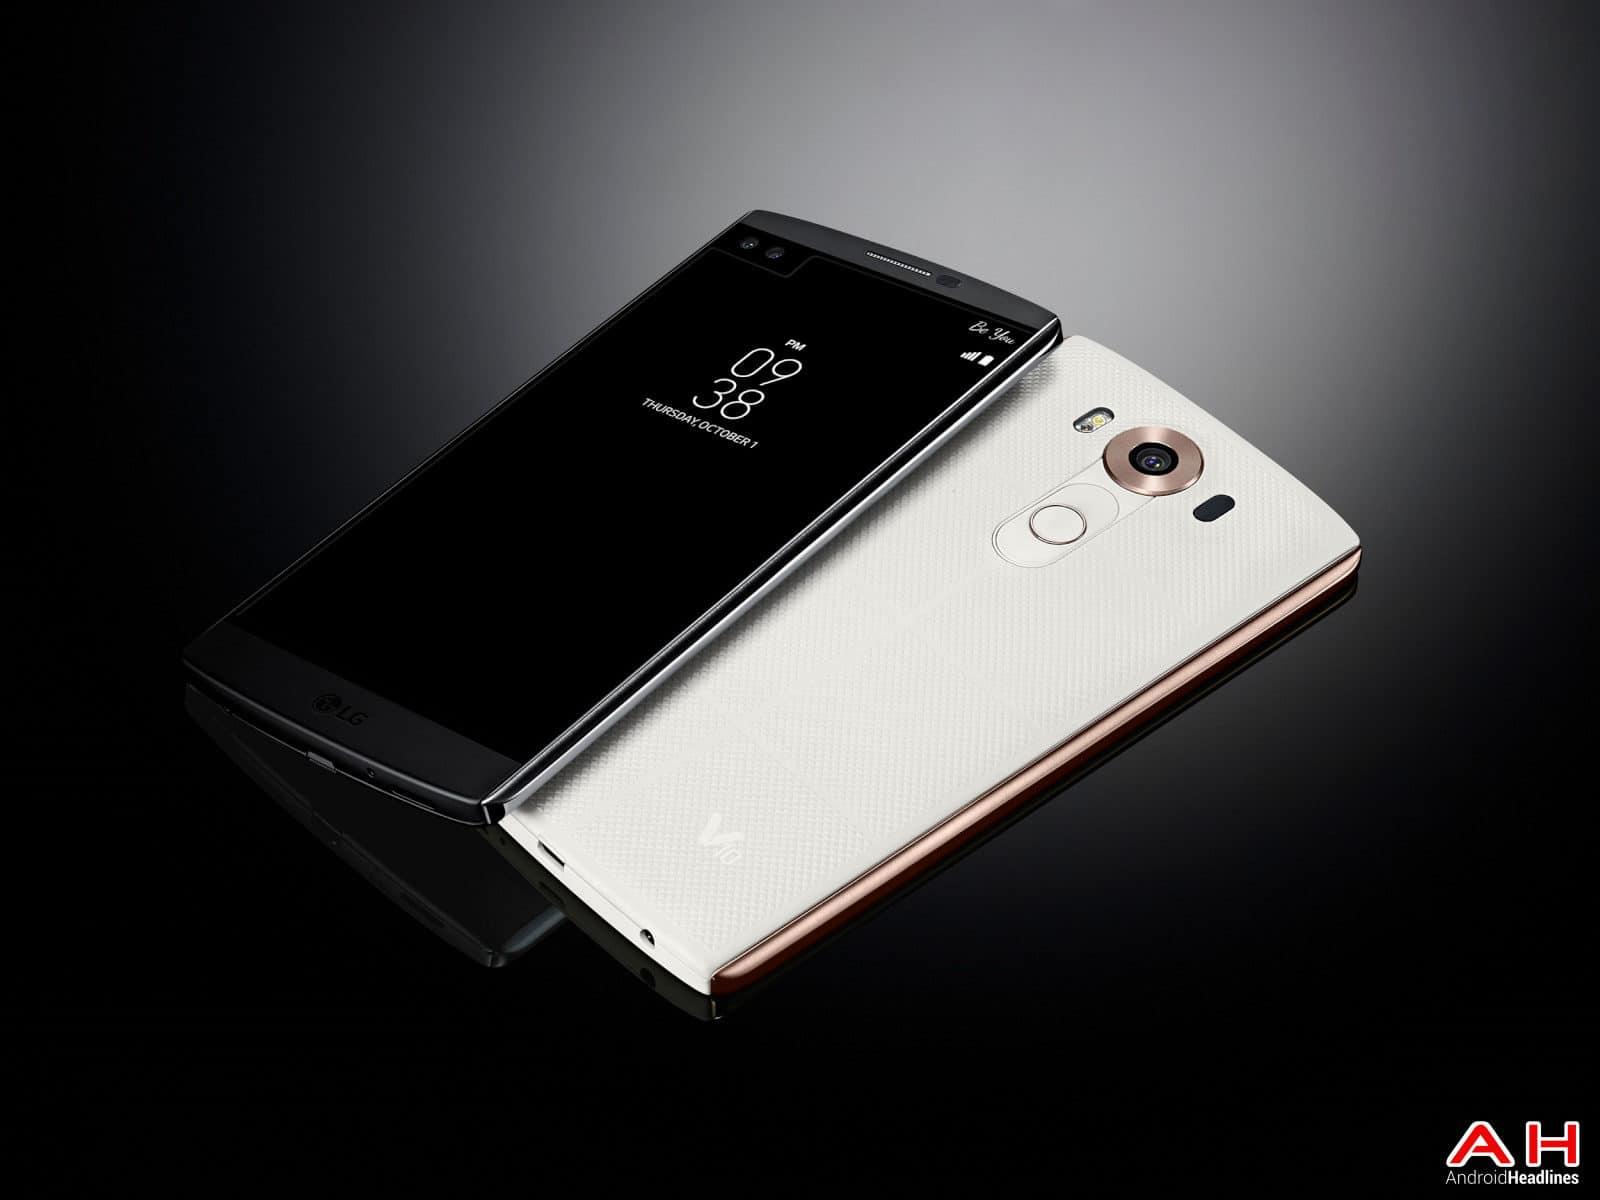 AH LG V10 Smartphone - Press Images-5